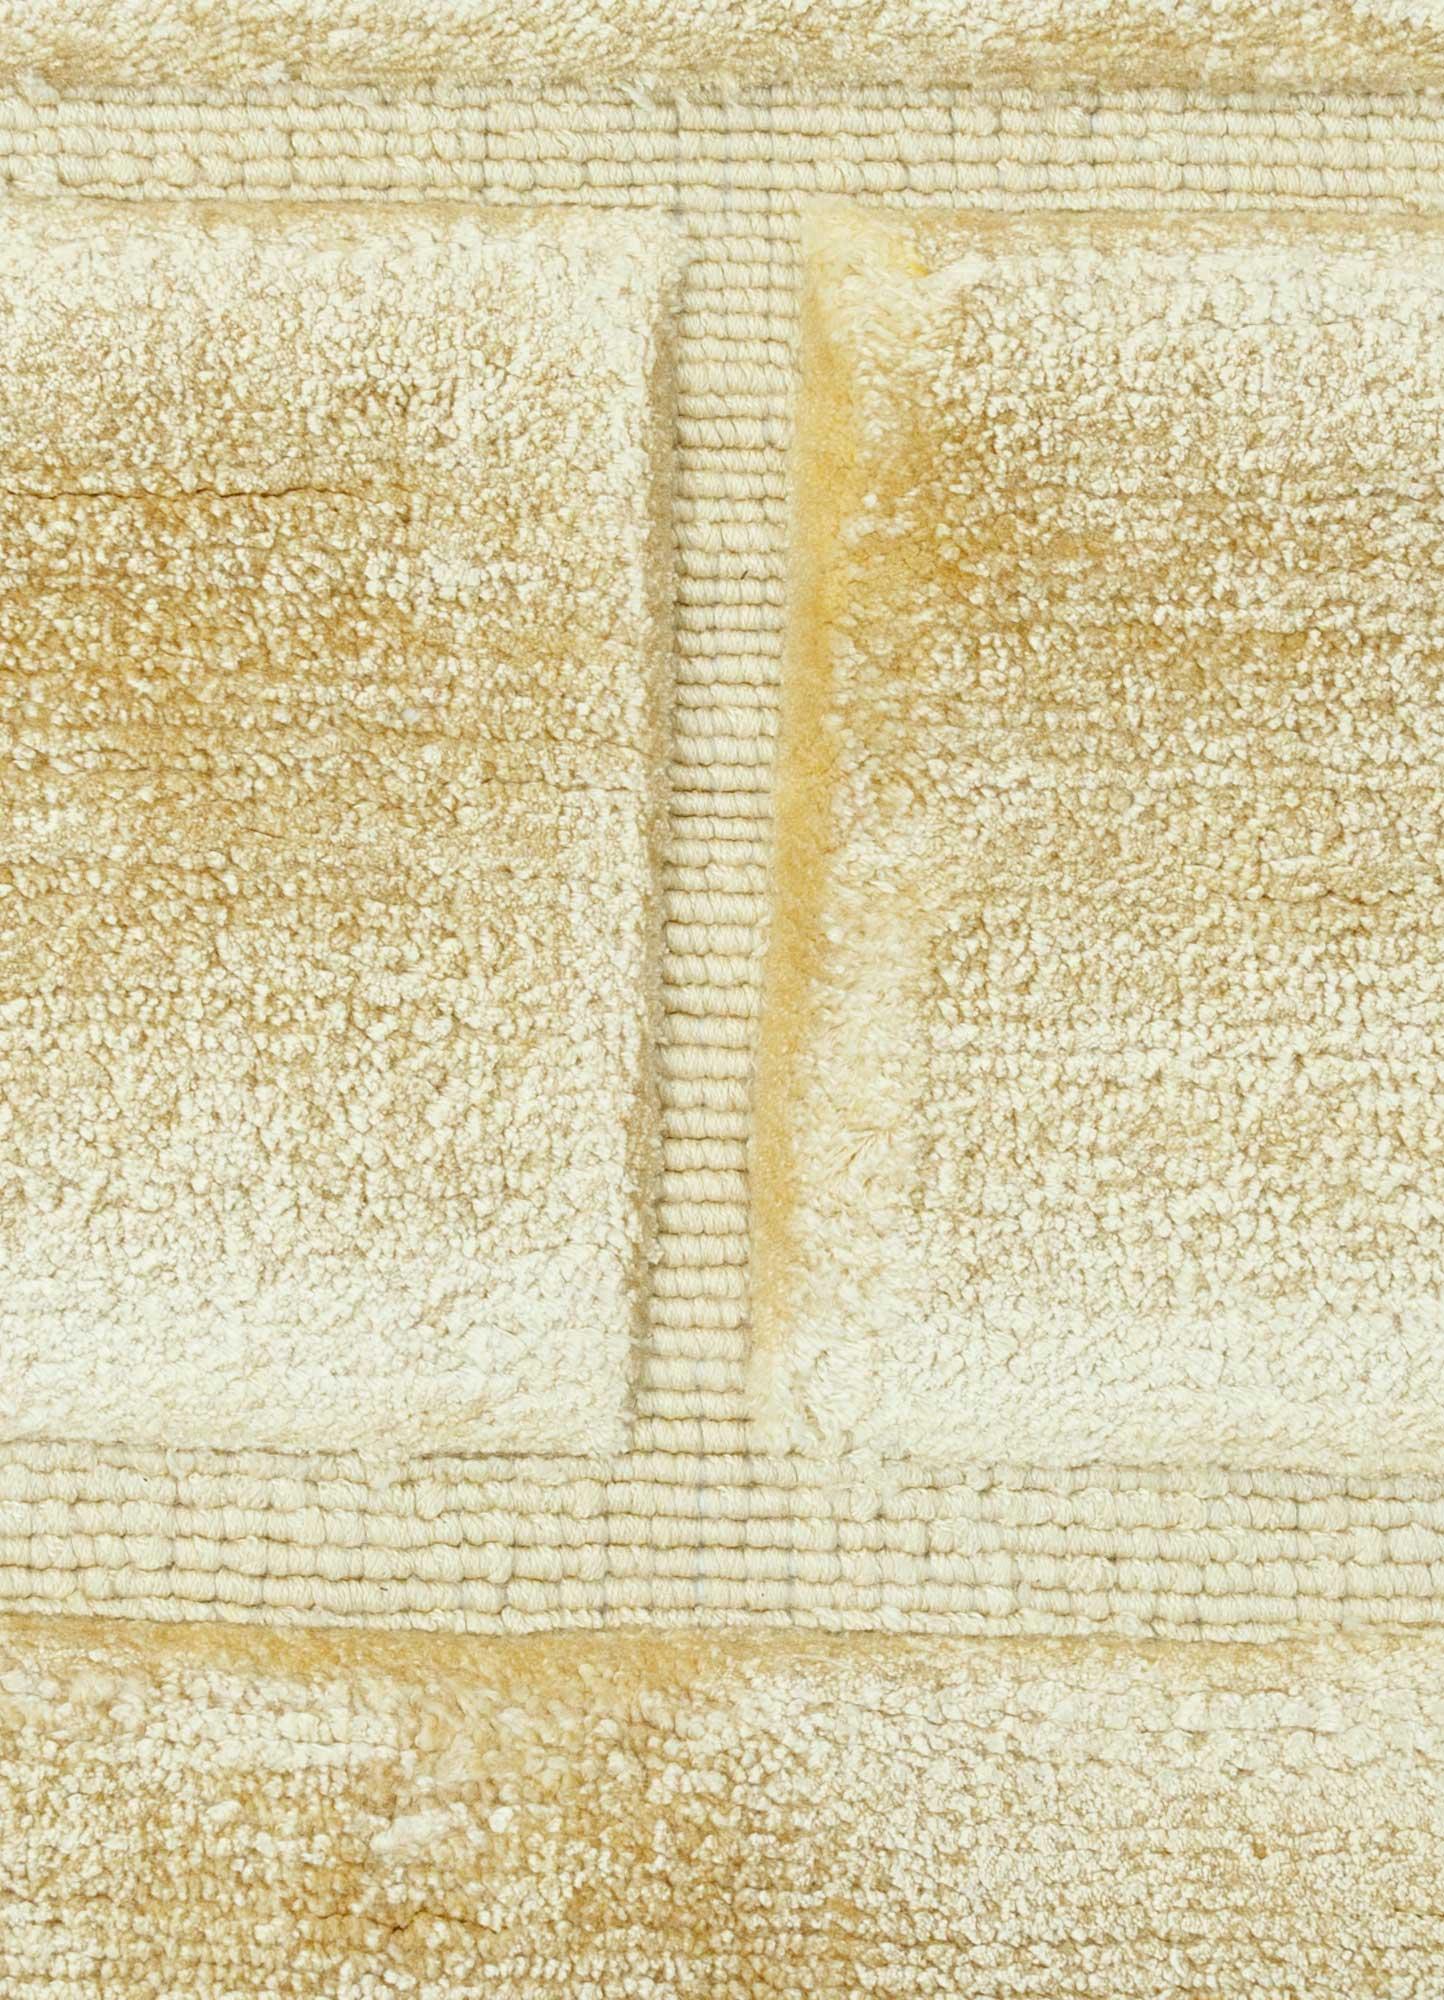 castle gold viscose hand loom Rug - CloseUp